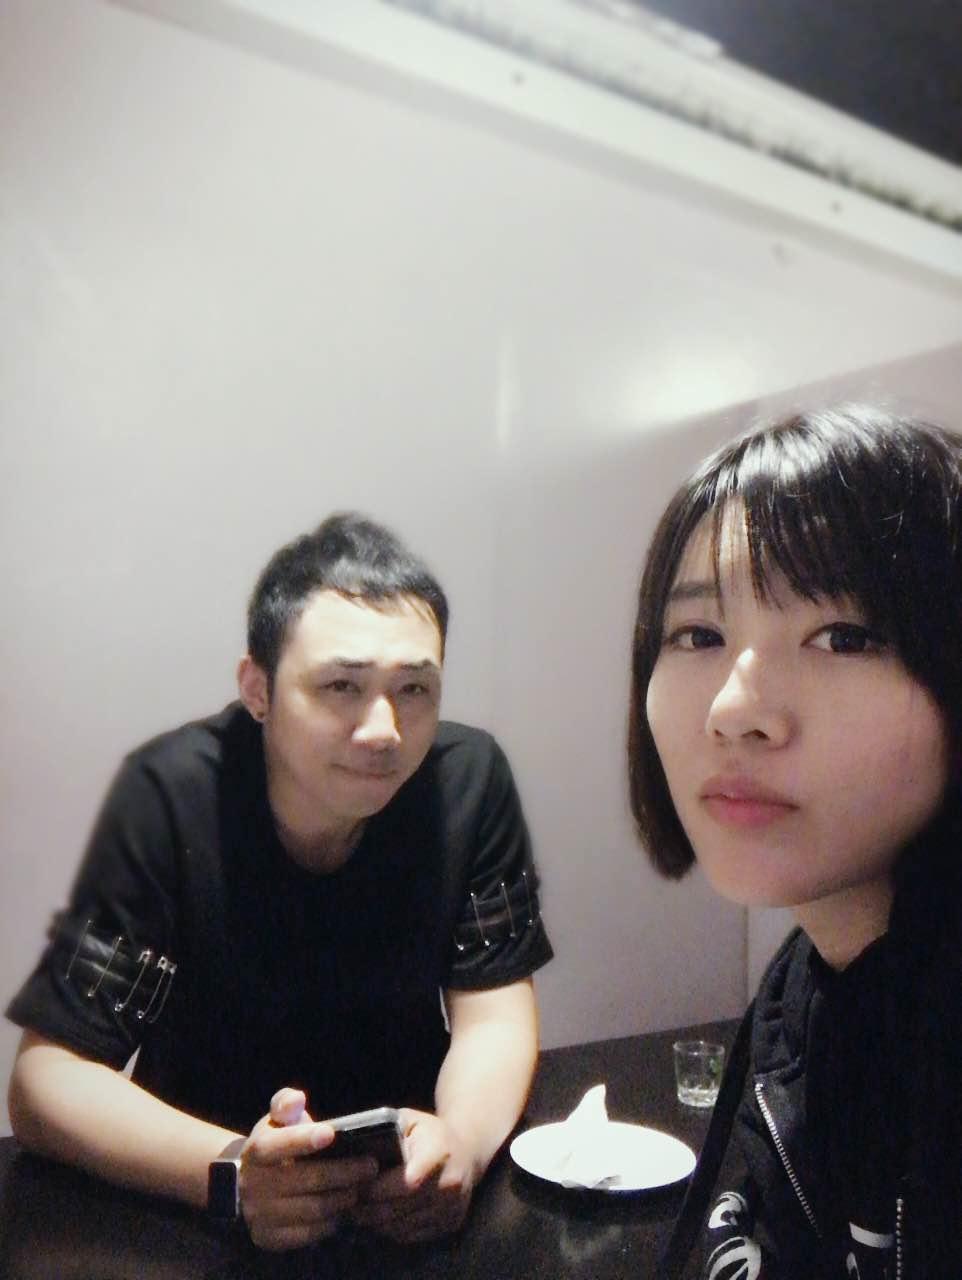 电影《喜欢你》北美5月5日浪漫上映! 男神金城武,呆萌周冬雨,即将全城秀恩爱!